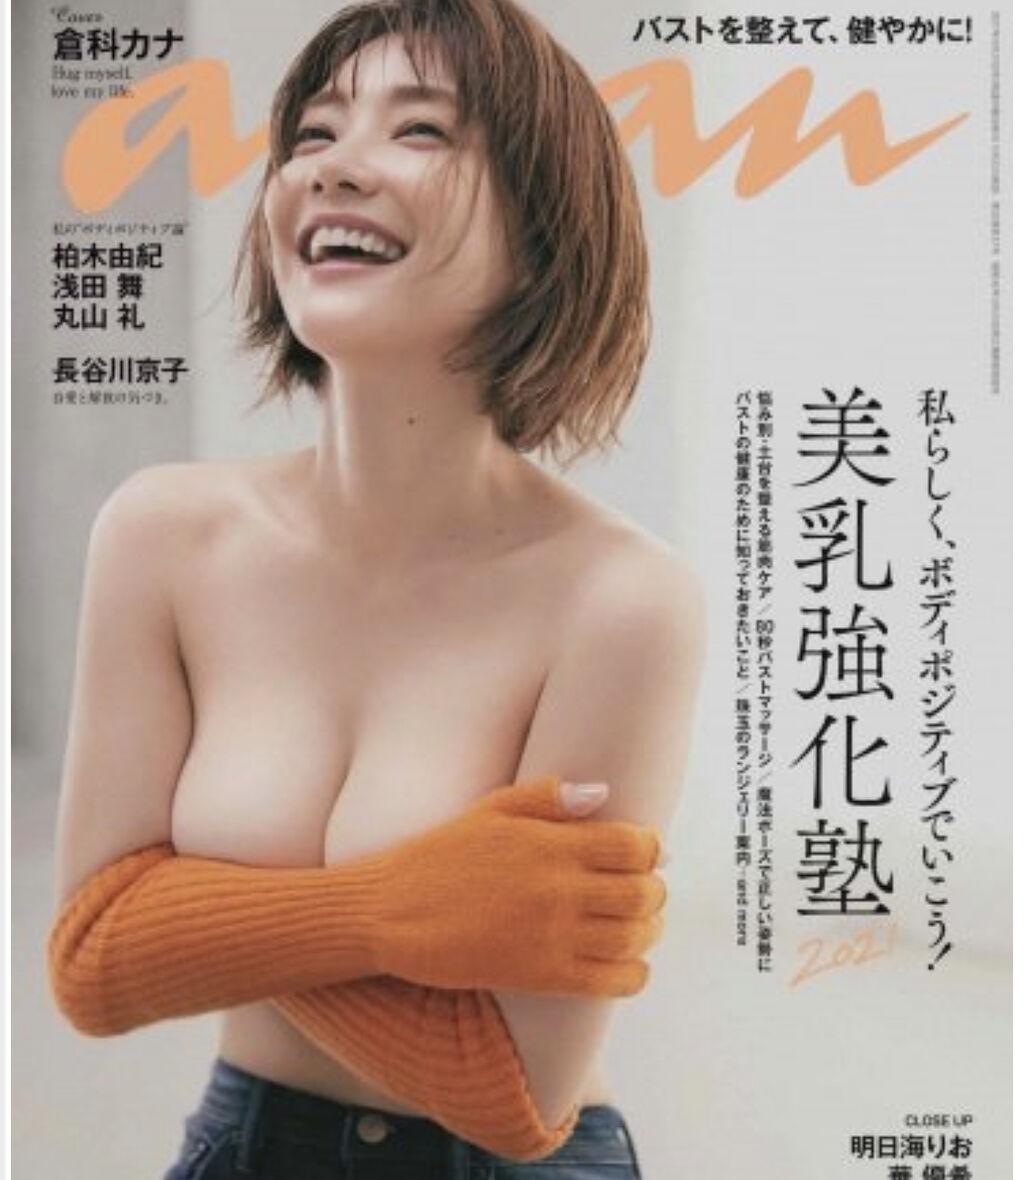 【女優】倉科カナ、お〇ぱいがたまらんw